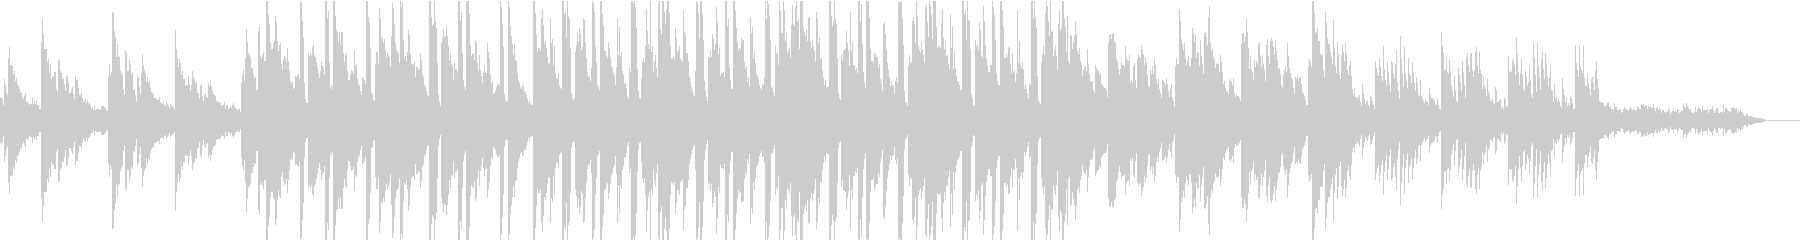 【Loop】憂鬱なChillHopの未再生の波形